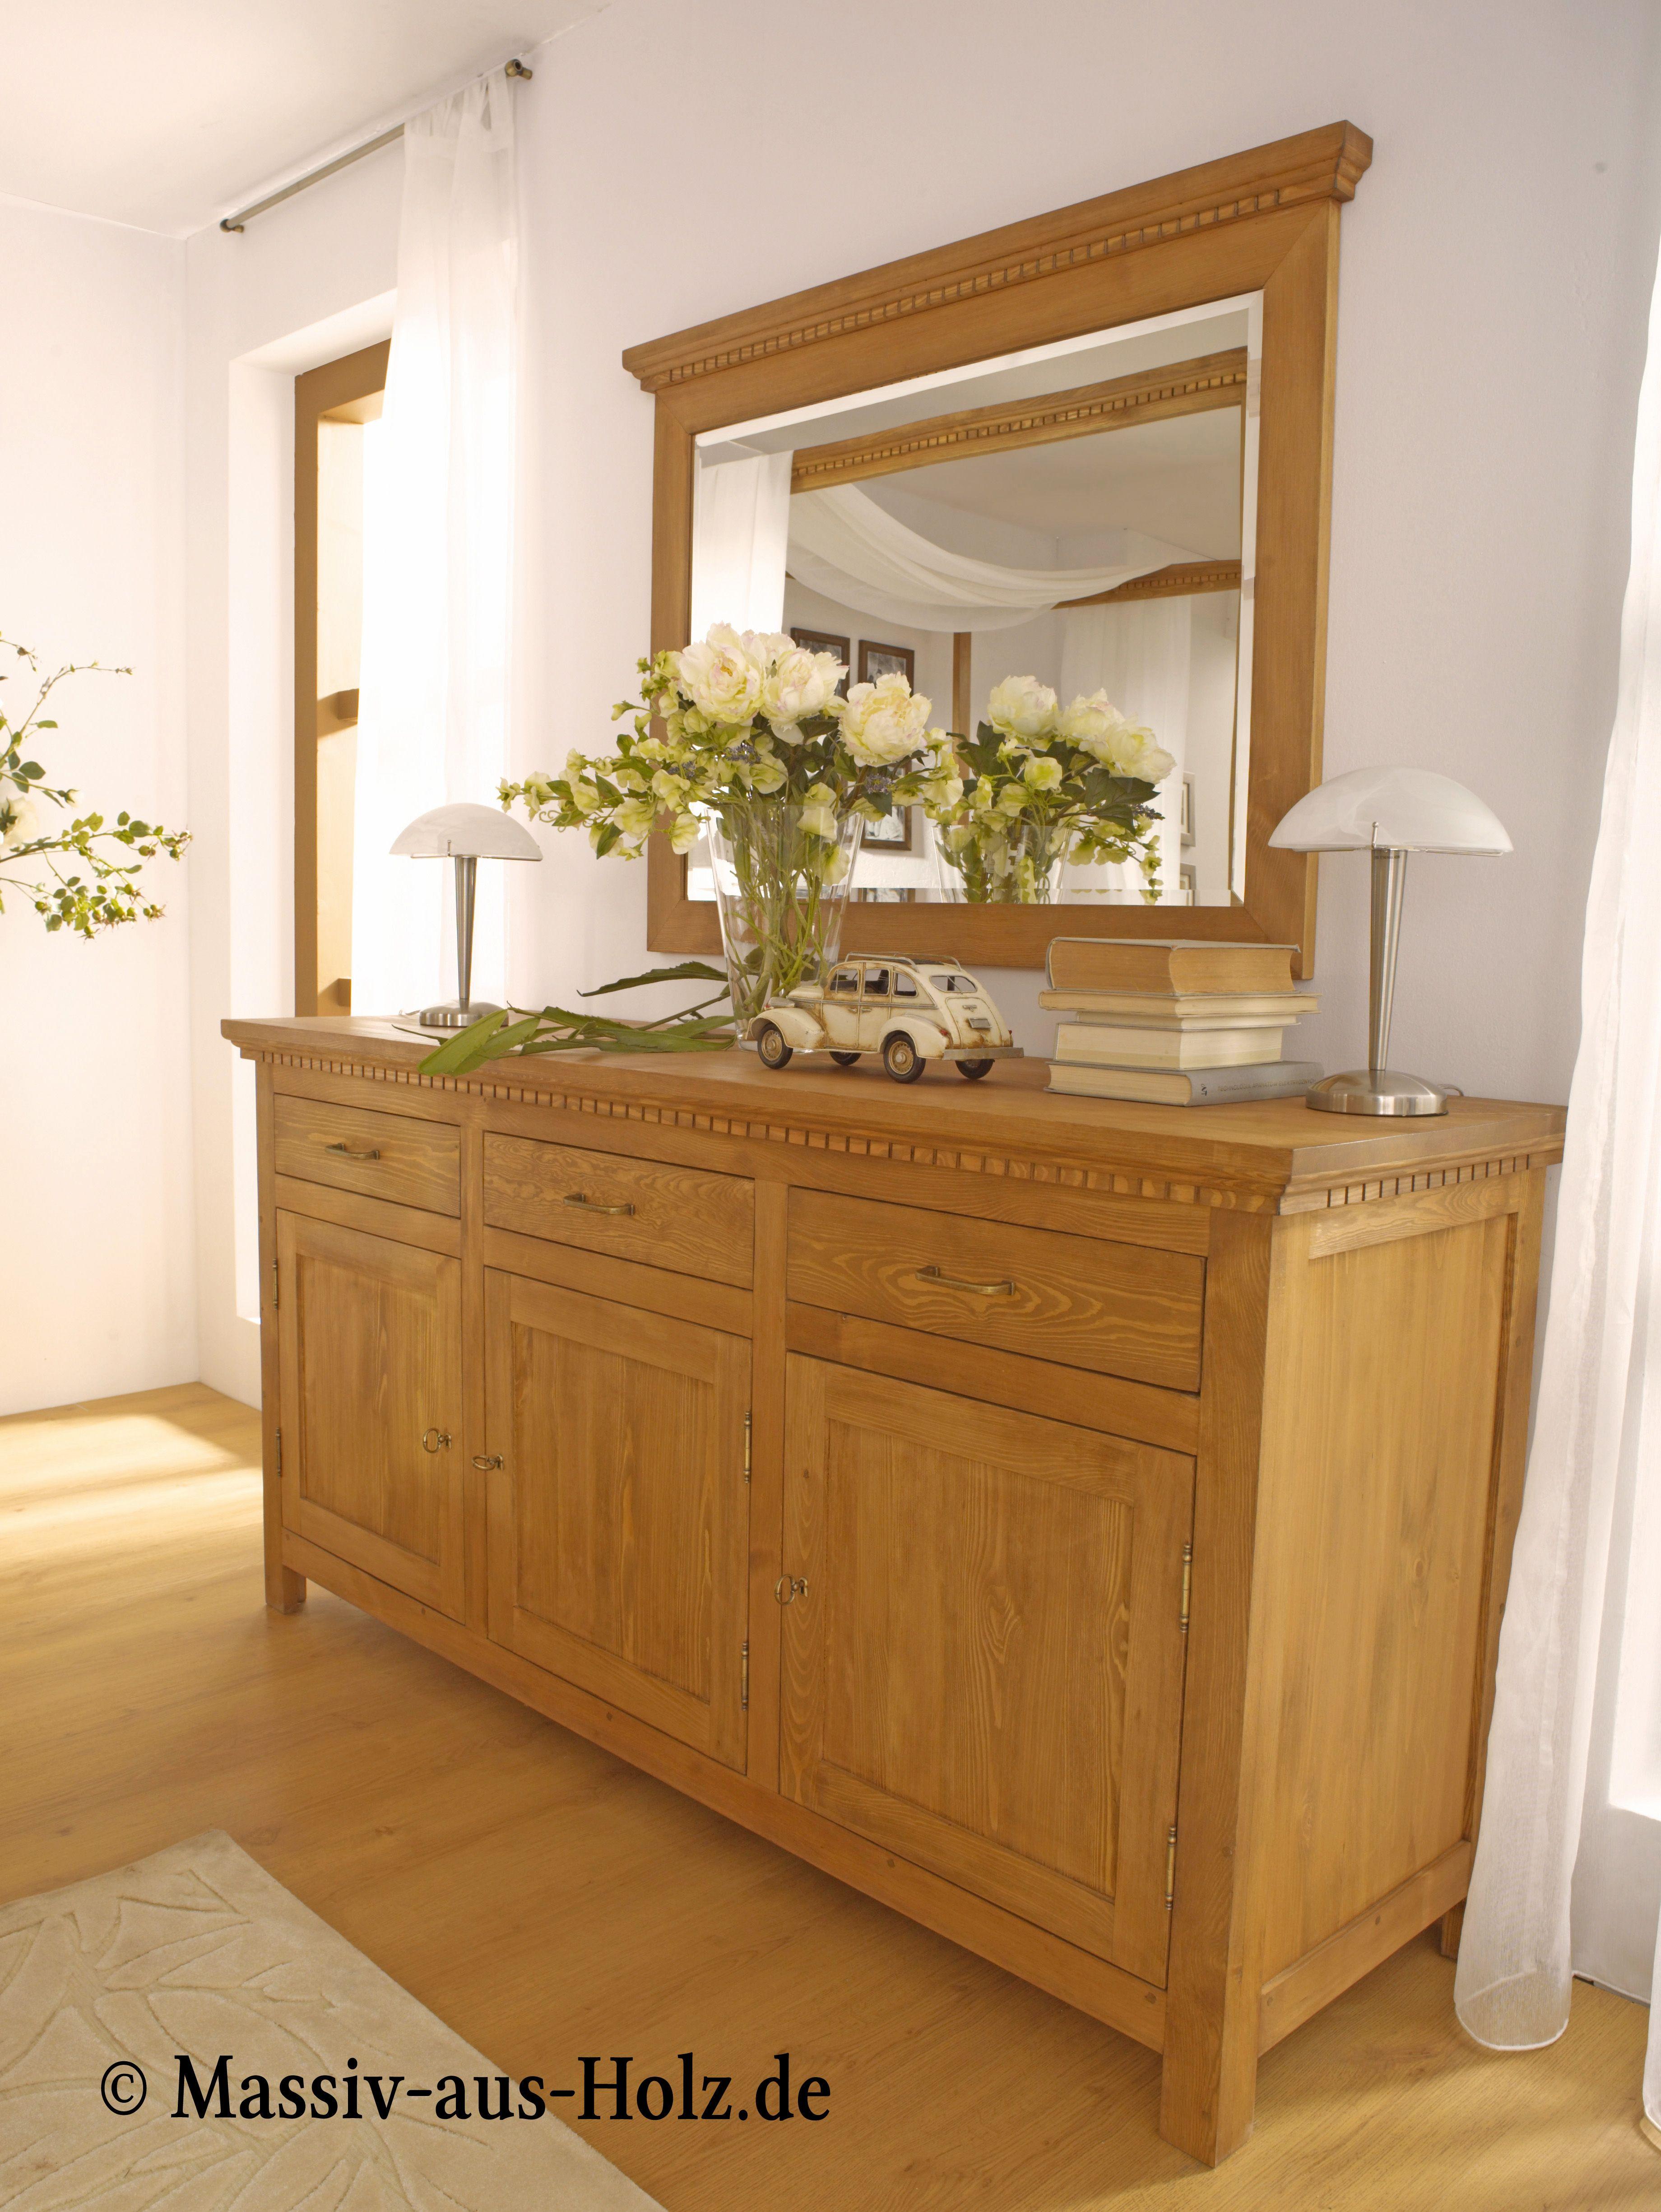 Sideboard Gross Klassisch 3 Turig Mit 3 Schubladen Kiefer Mobel Einrichtungsideen Zuhause